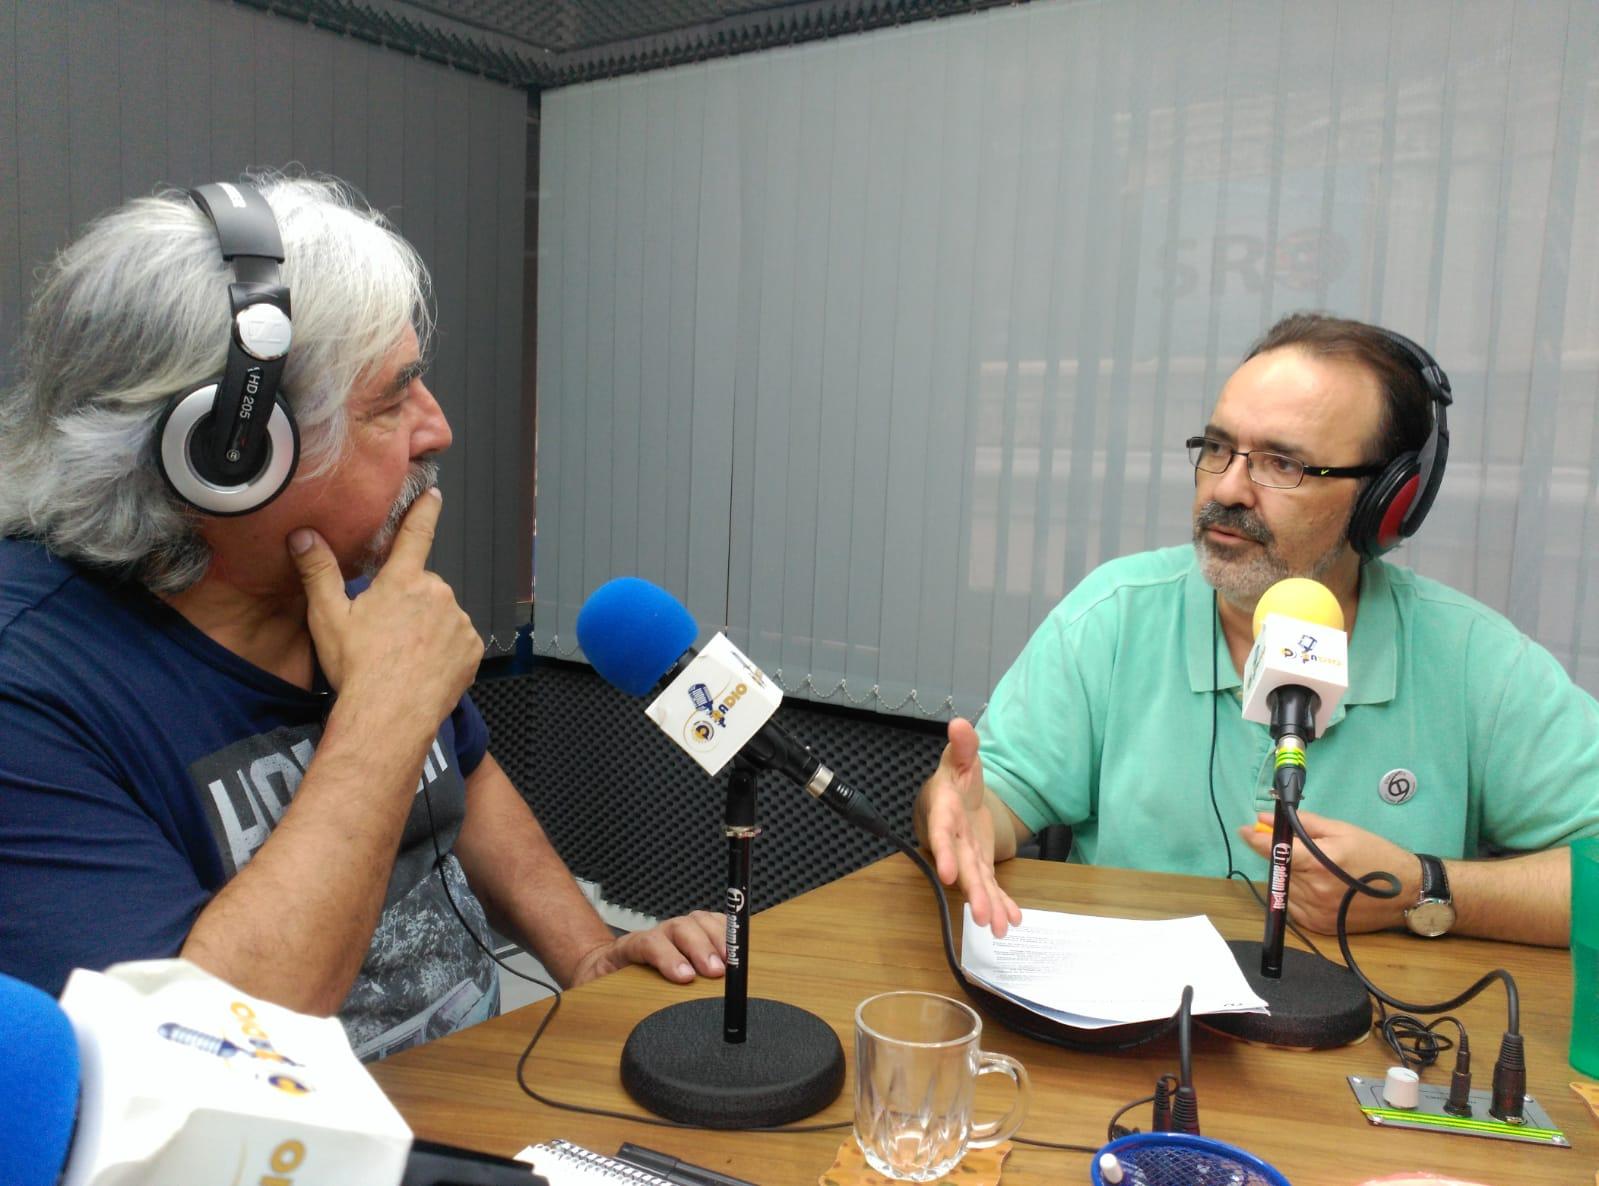 Primer programa de la 3ª temporada de ¡Qué tal!¿Cómo estamos? Con Inés Fontiveros y Álex Castellanos